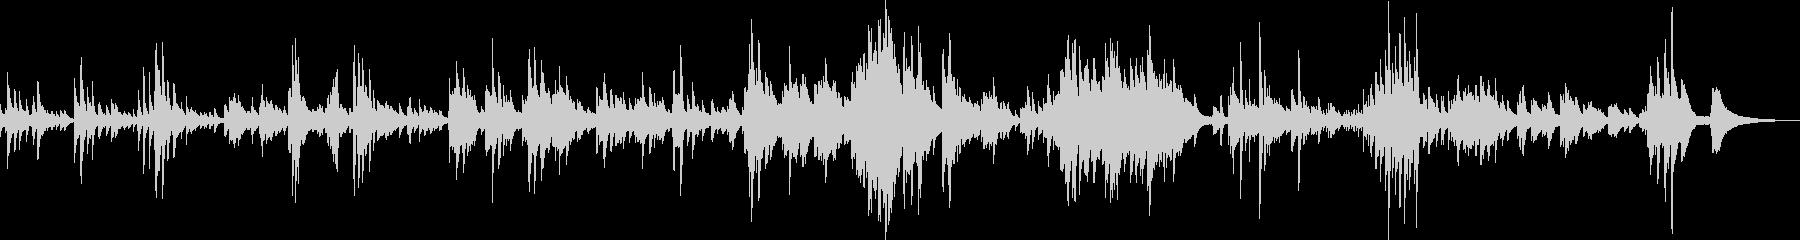 儚くて切ないピアノバラード(繊細・感動)の未再生の波形